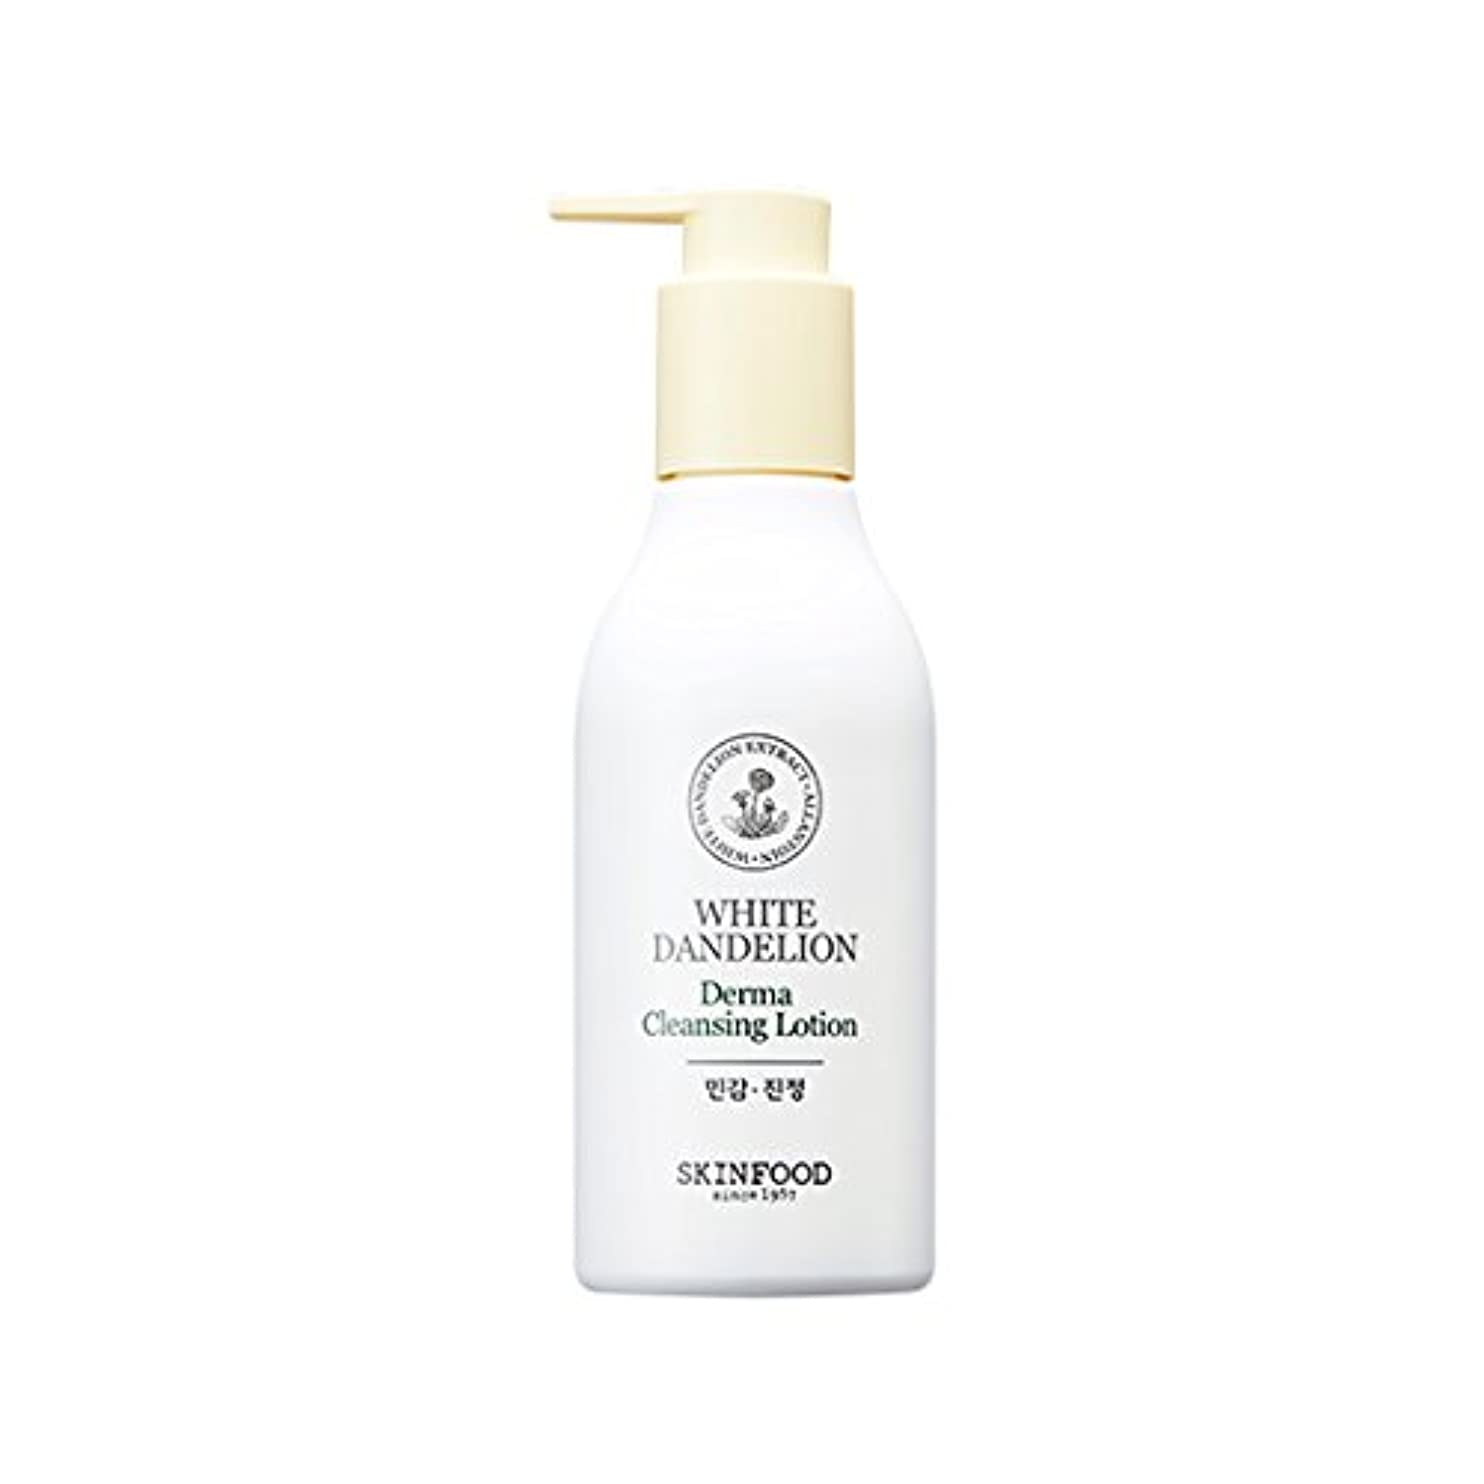 休日ページ相談するSkinfood/White Dandelion Derma Cleansing Lotion/ホワイトタンポポダーマクレンジングローション/200ml [並行輸入品]